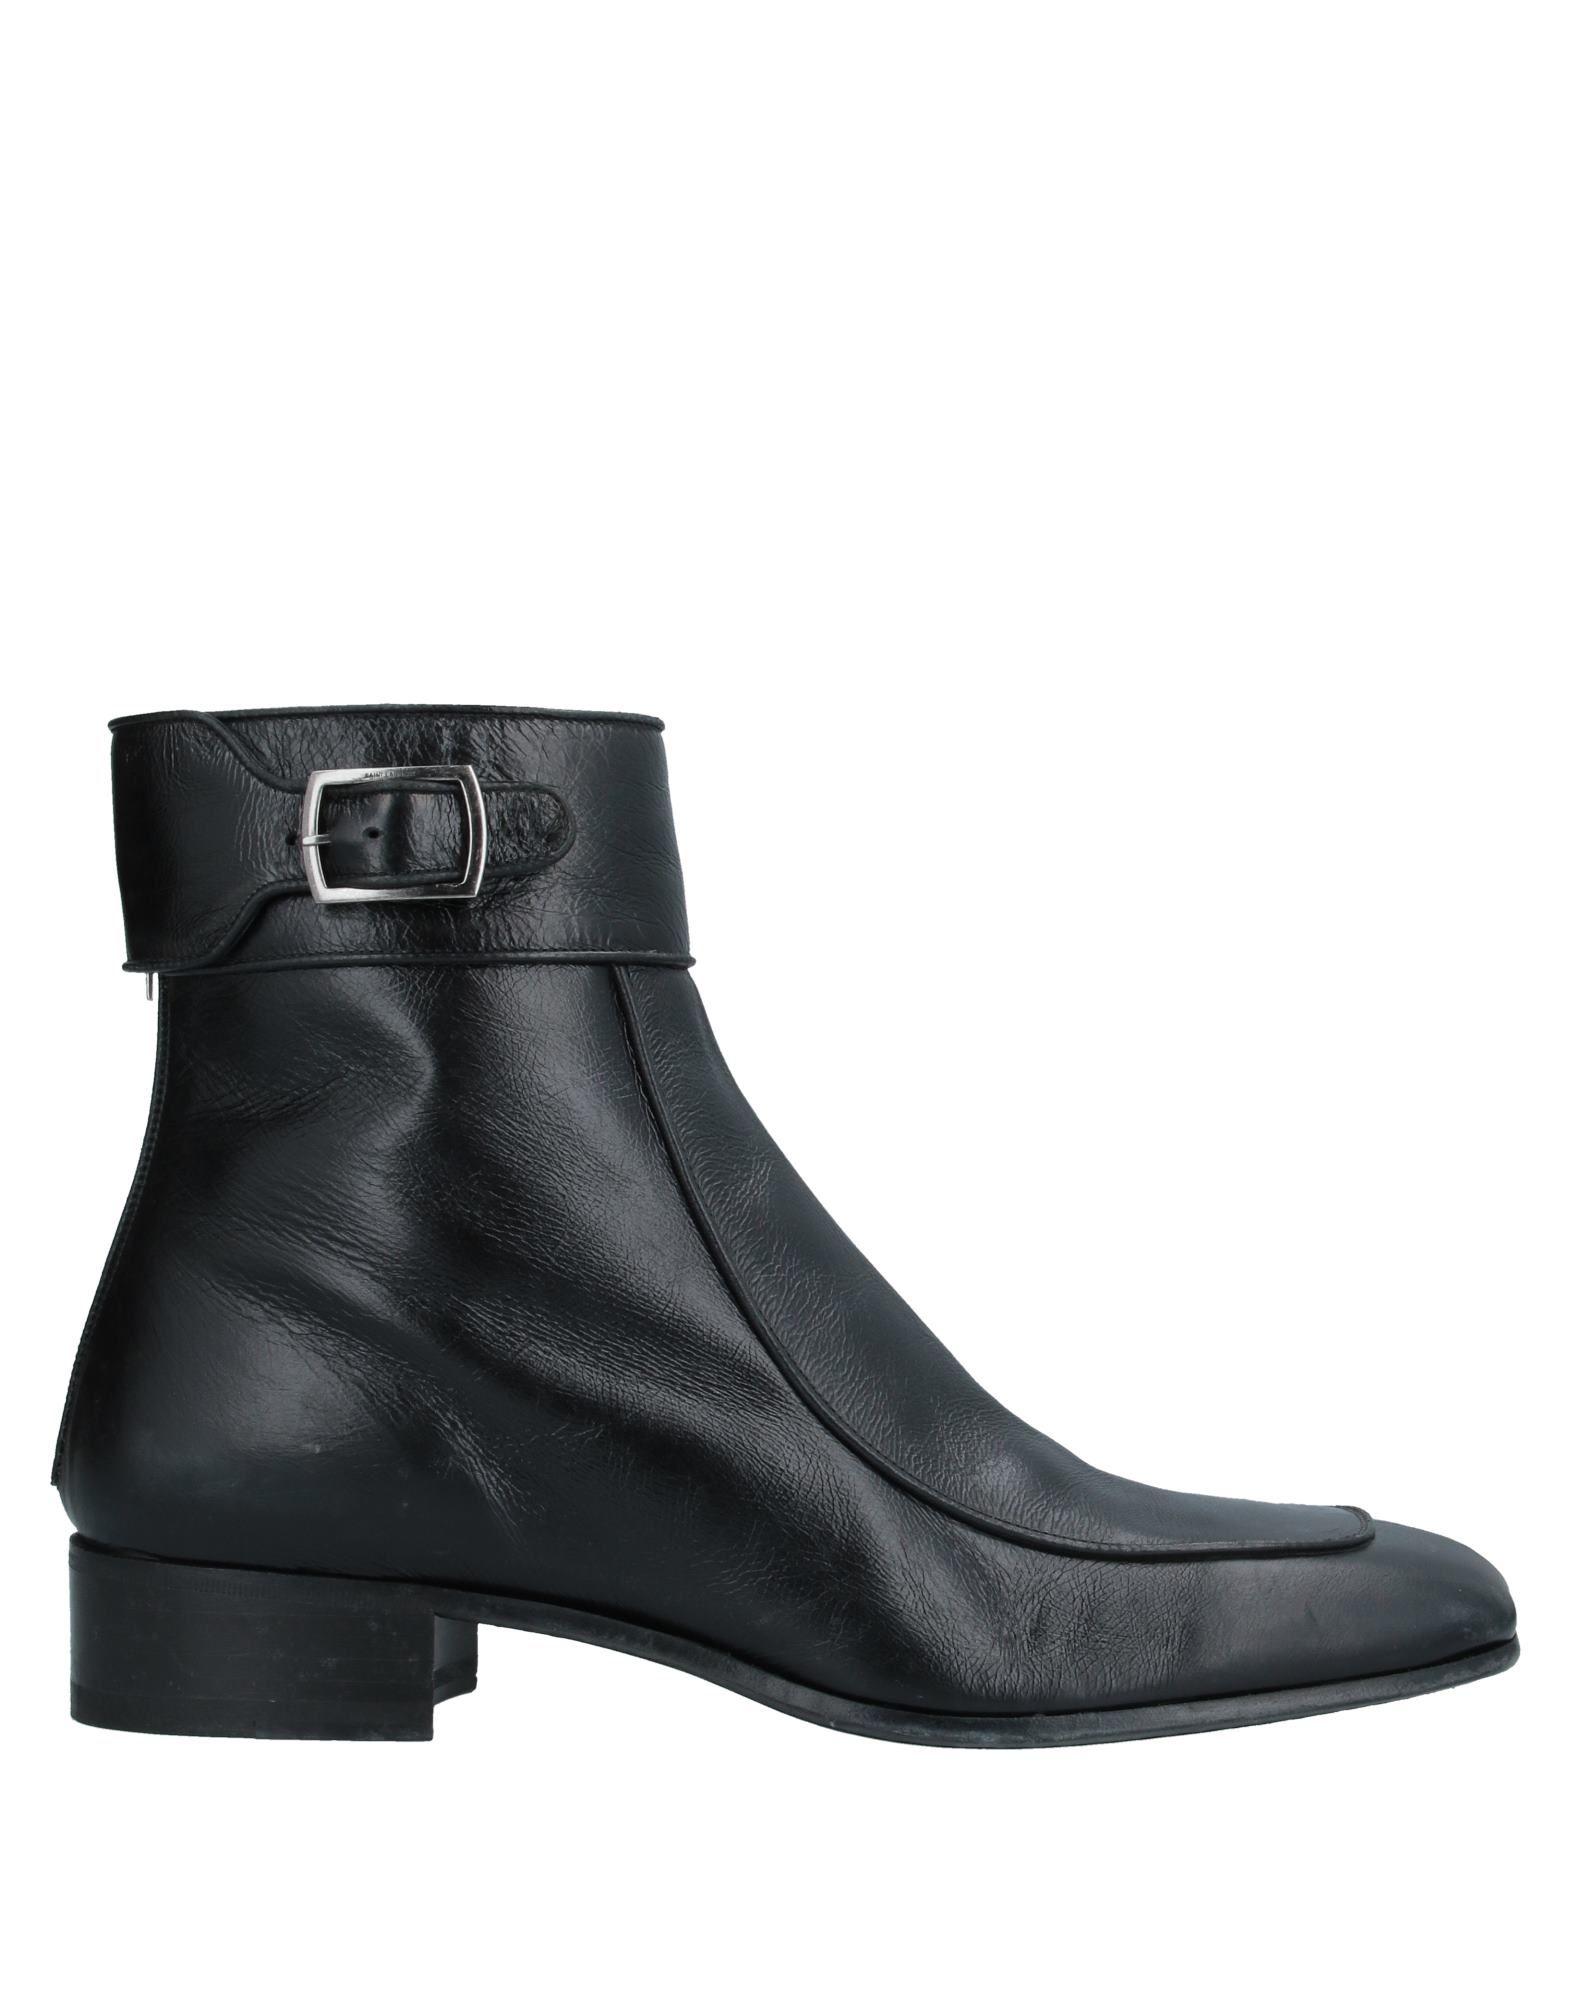 SAINT LAURENT Полусапоги и высокие ботинки ботинки tapiboo размер 30 черный